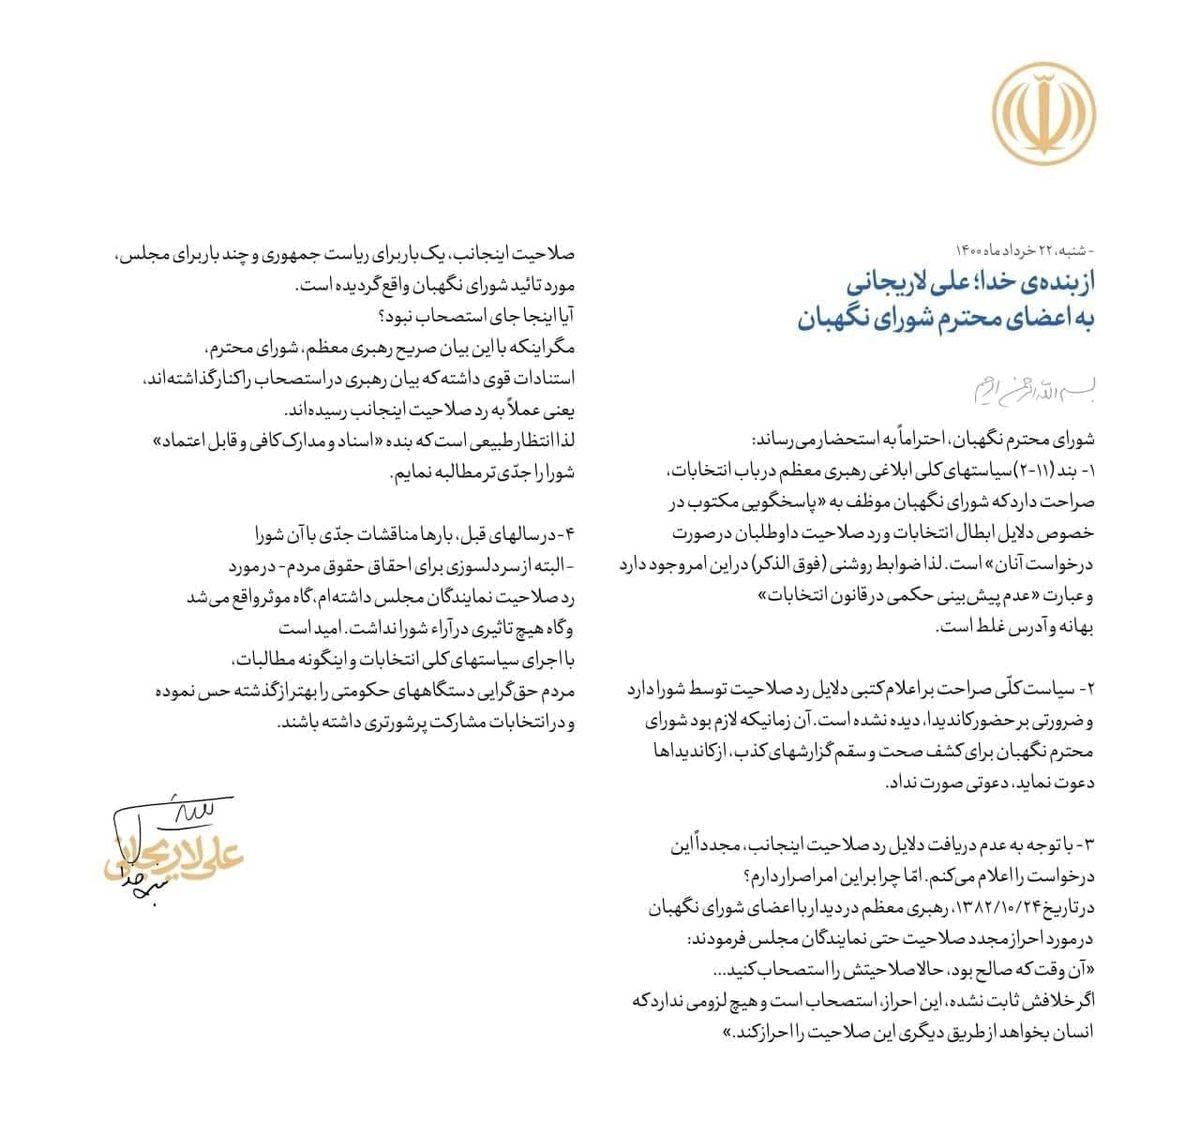 تصویر بیانیه علی لاریجانی خطاب به شورای نگهبان